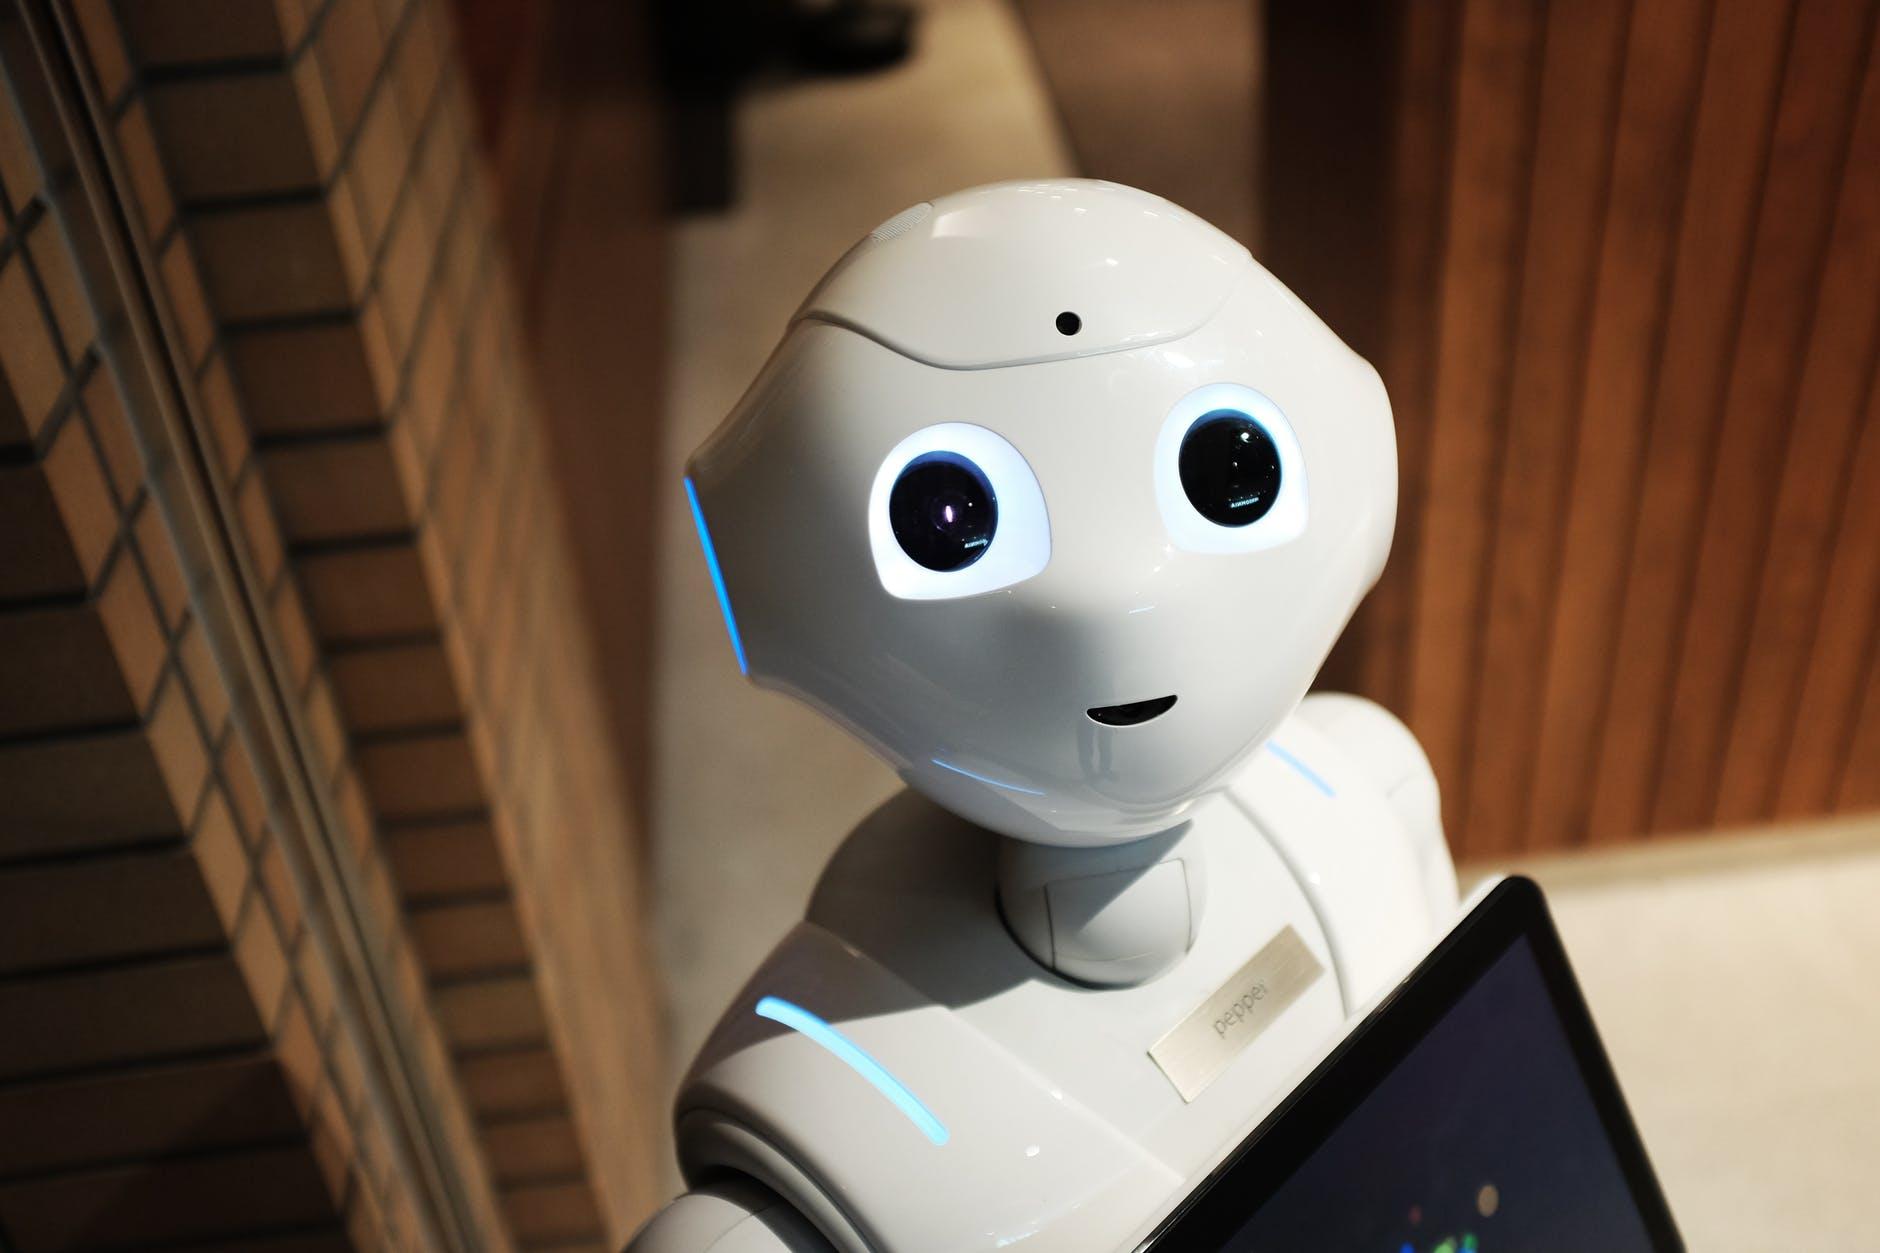 우리 생활 속의 인공지능은 있을까?